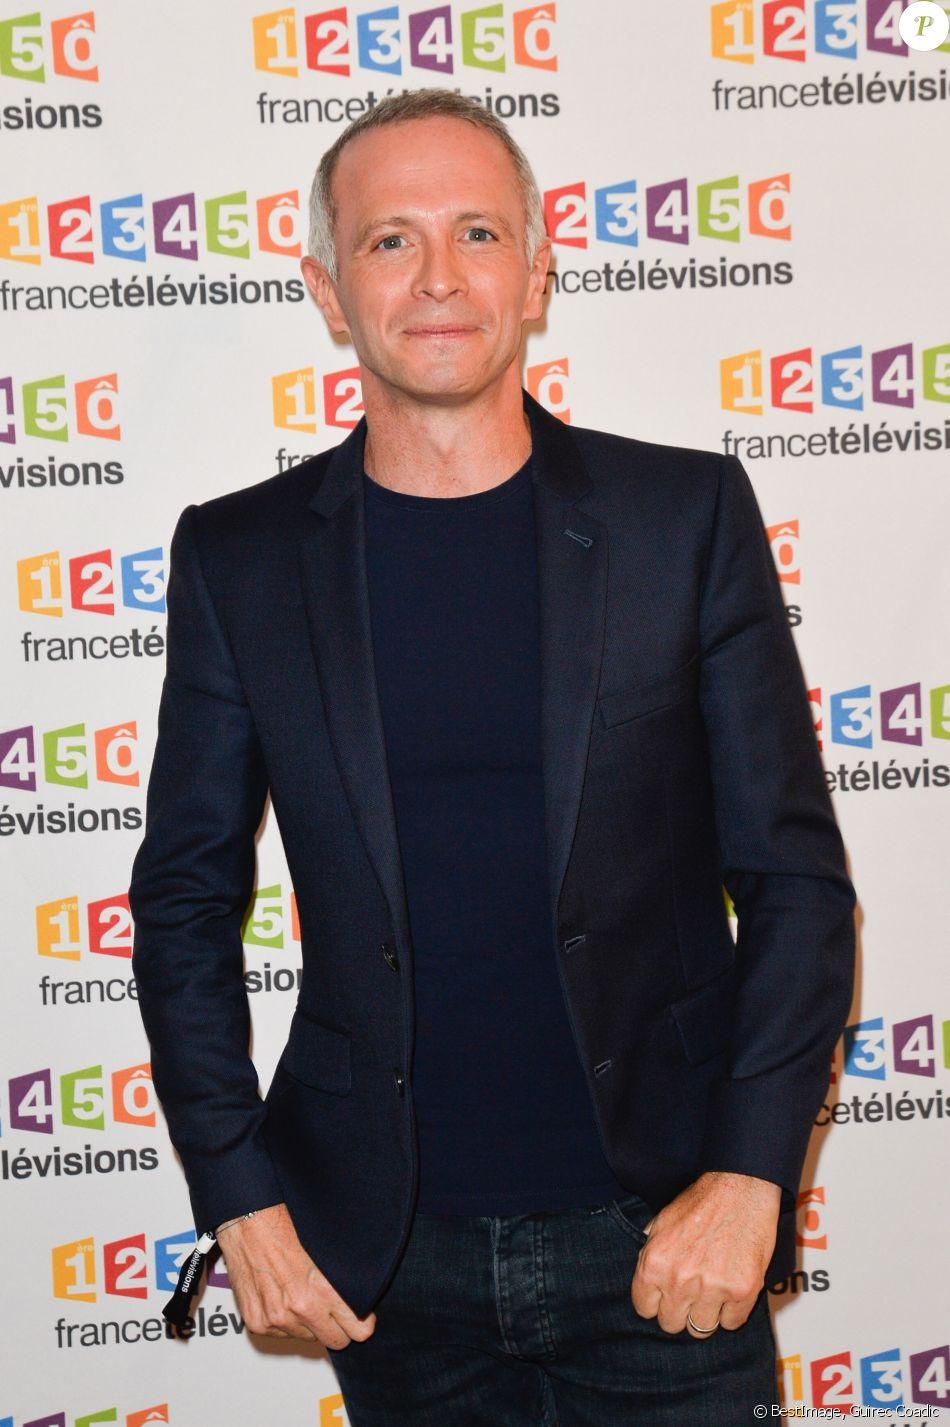 Samuel Étienne lors du photocall de la présentation de la nouvelle dynamique 2017-2018 de France Télévisions. Paris, le 5 juillet 2017. © Guirec Coadic/Bestimage